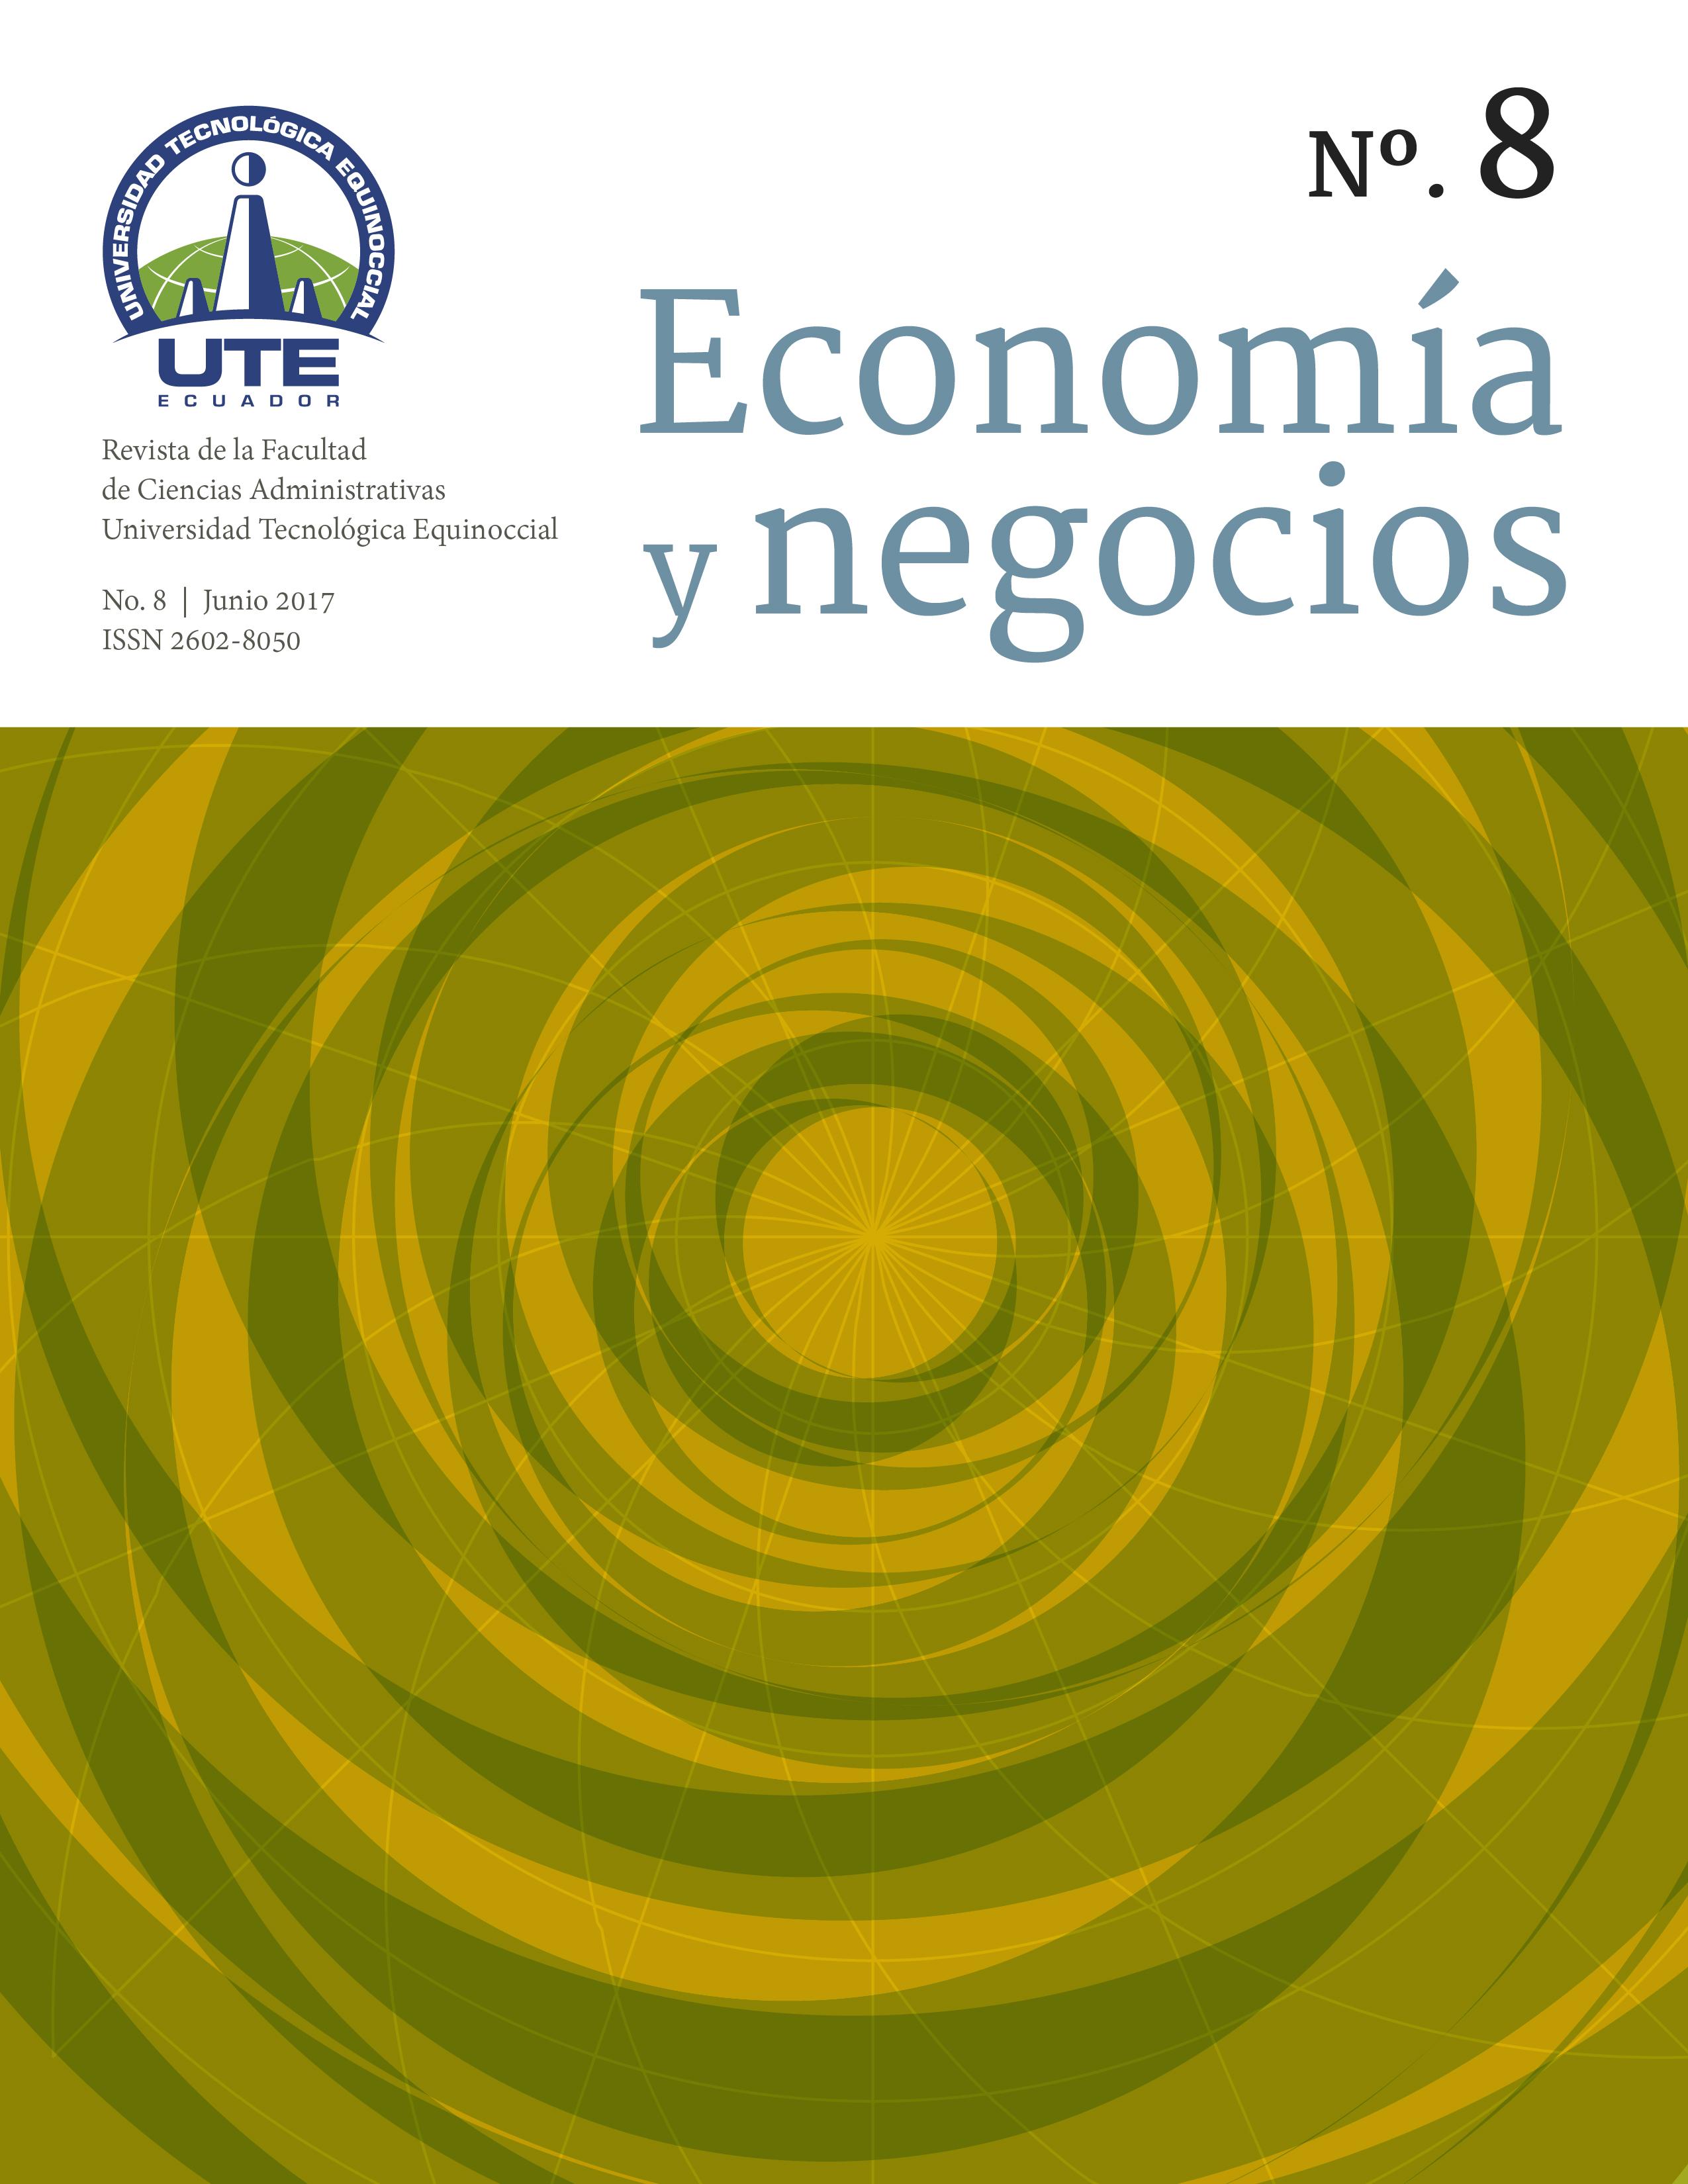 Portada Economía y Negocios volumen 8 número 1